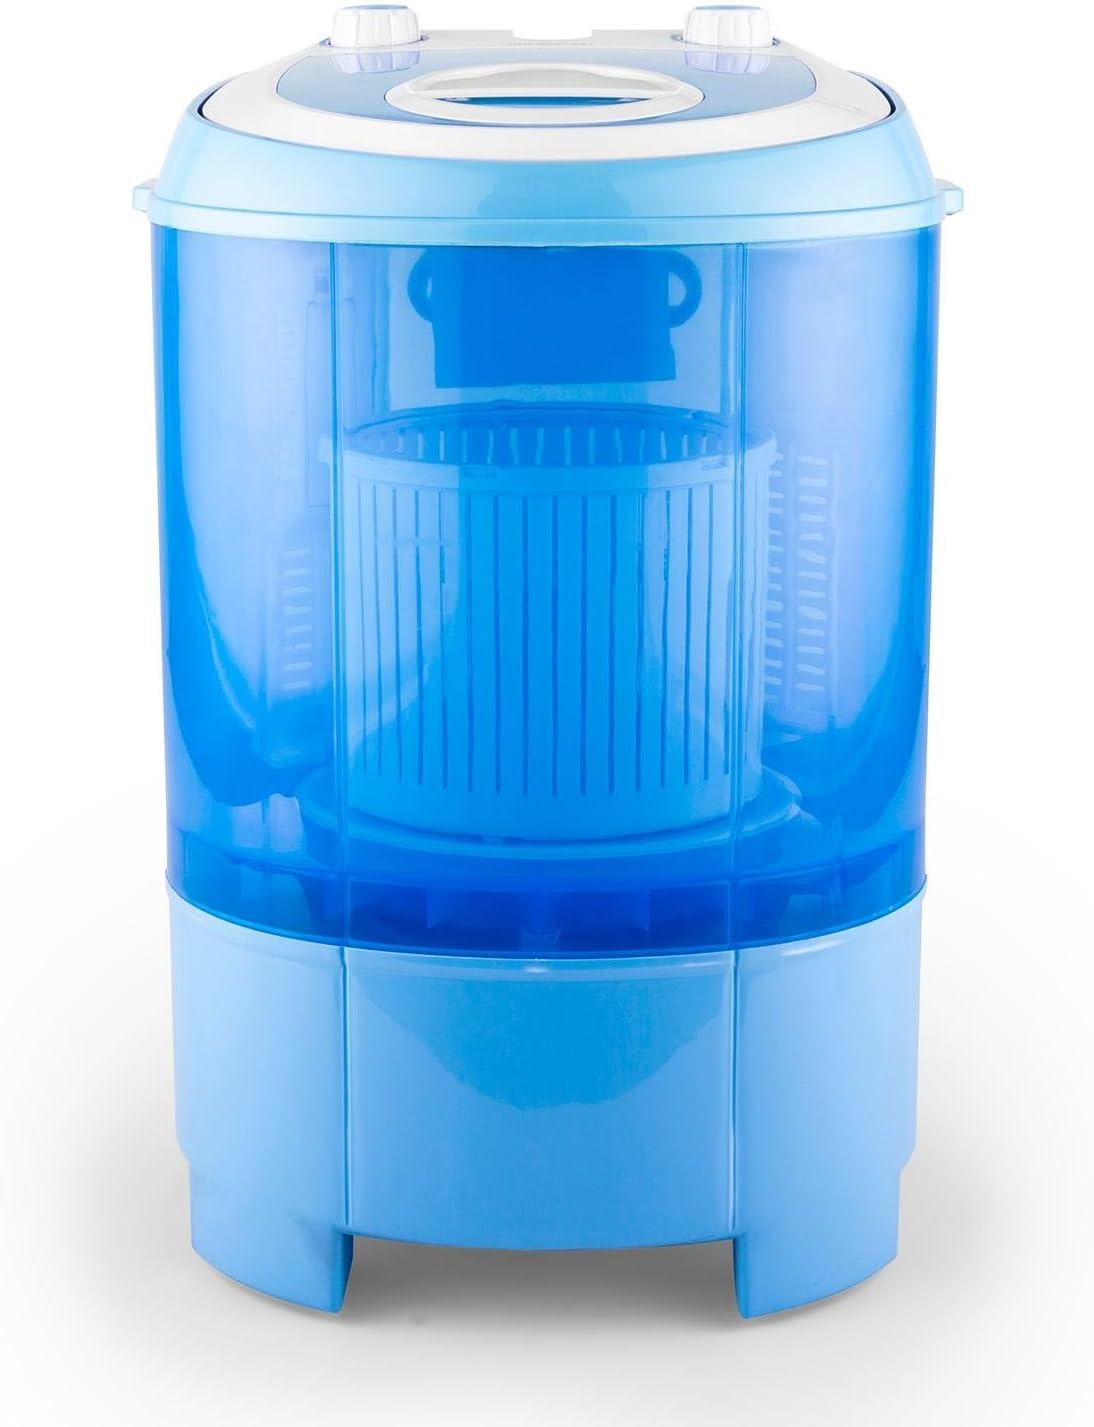 Oneconcept SG003 Camp Edition - Mini-Lavadora y centrifugadora, Capacidad de 2,8 kg, Potencia de 180 W, Bajo Consumo energético y de Agua, Lavadora para Camping, Ideal para Estudiantes